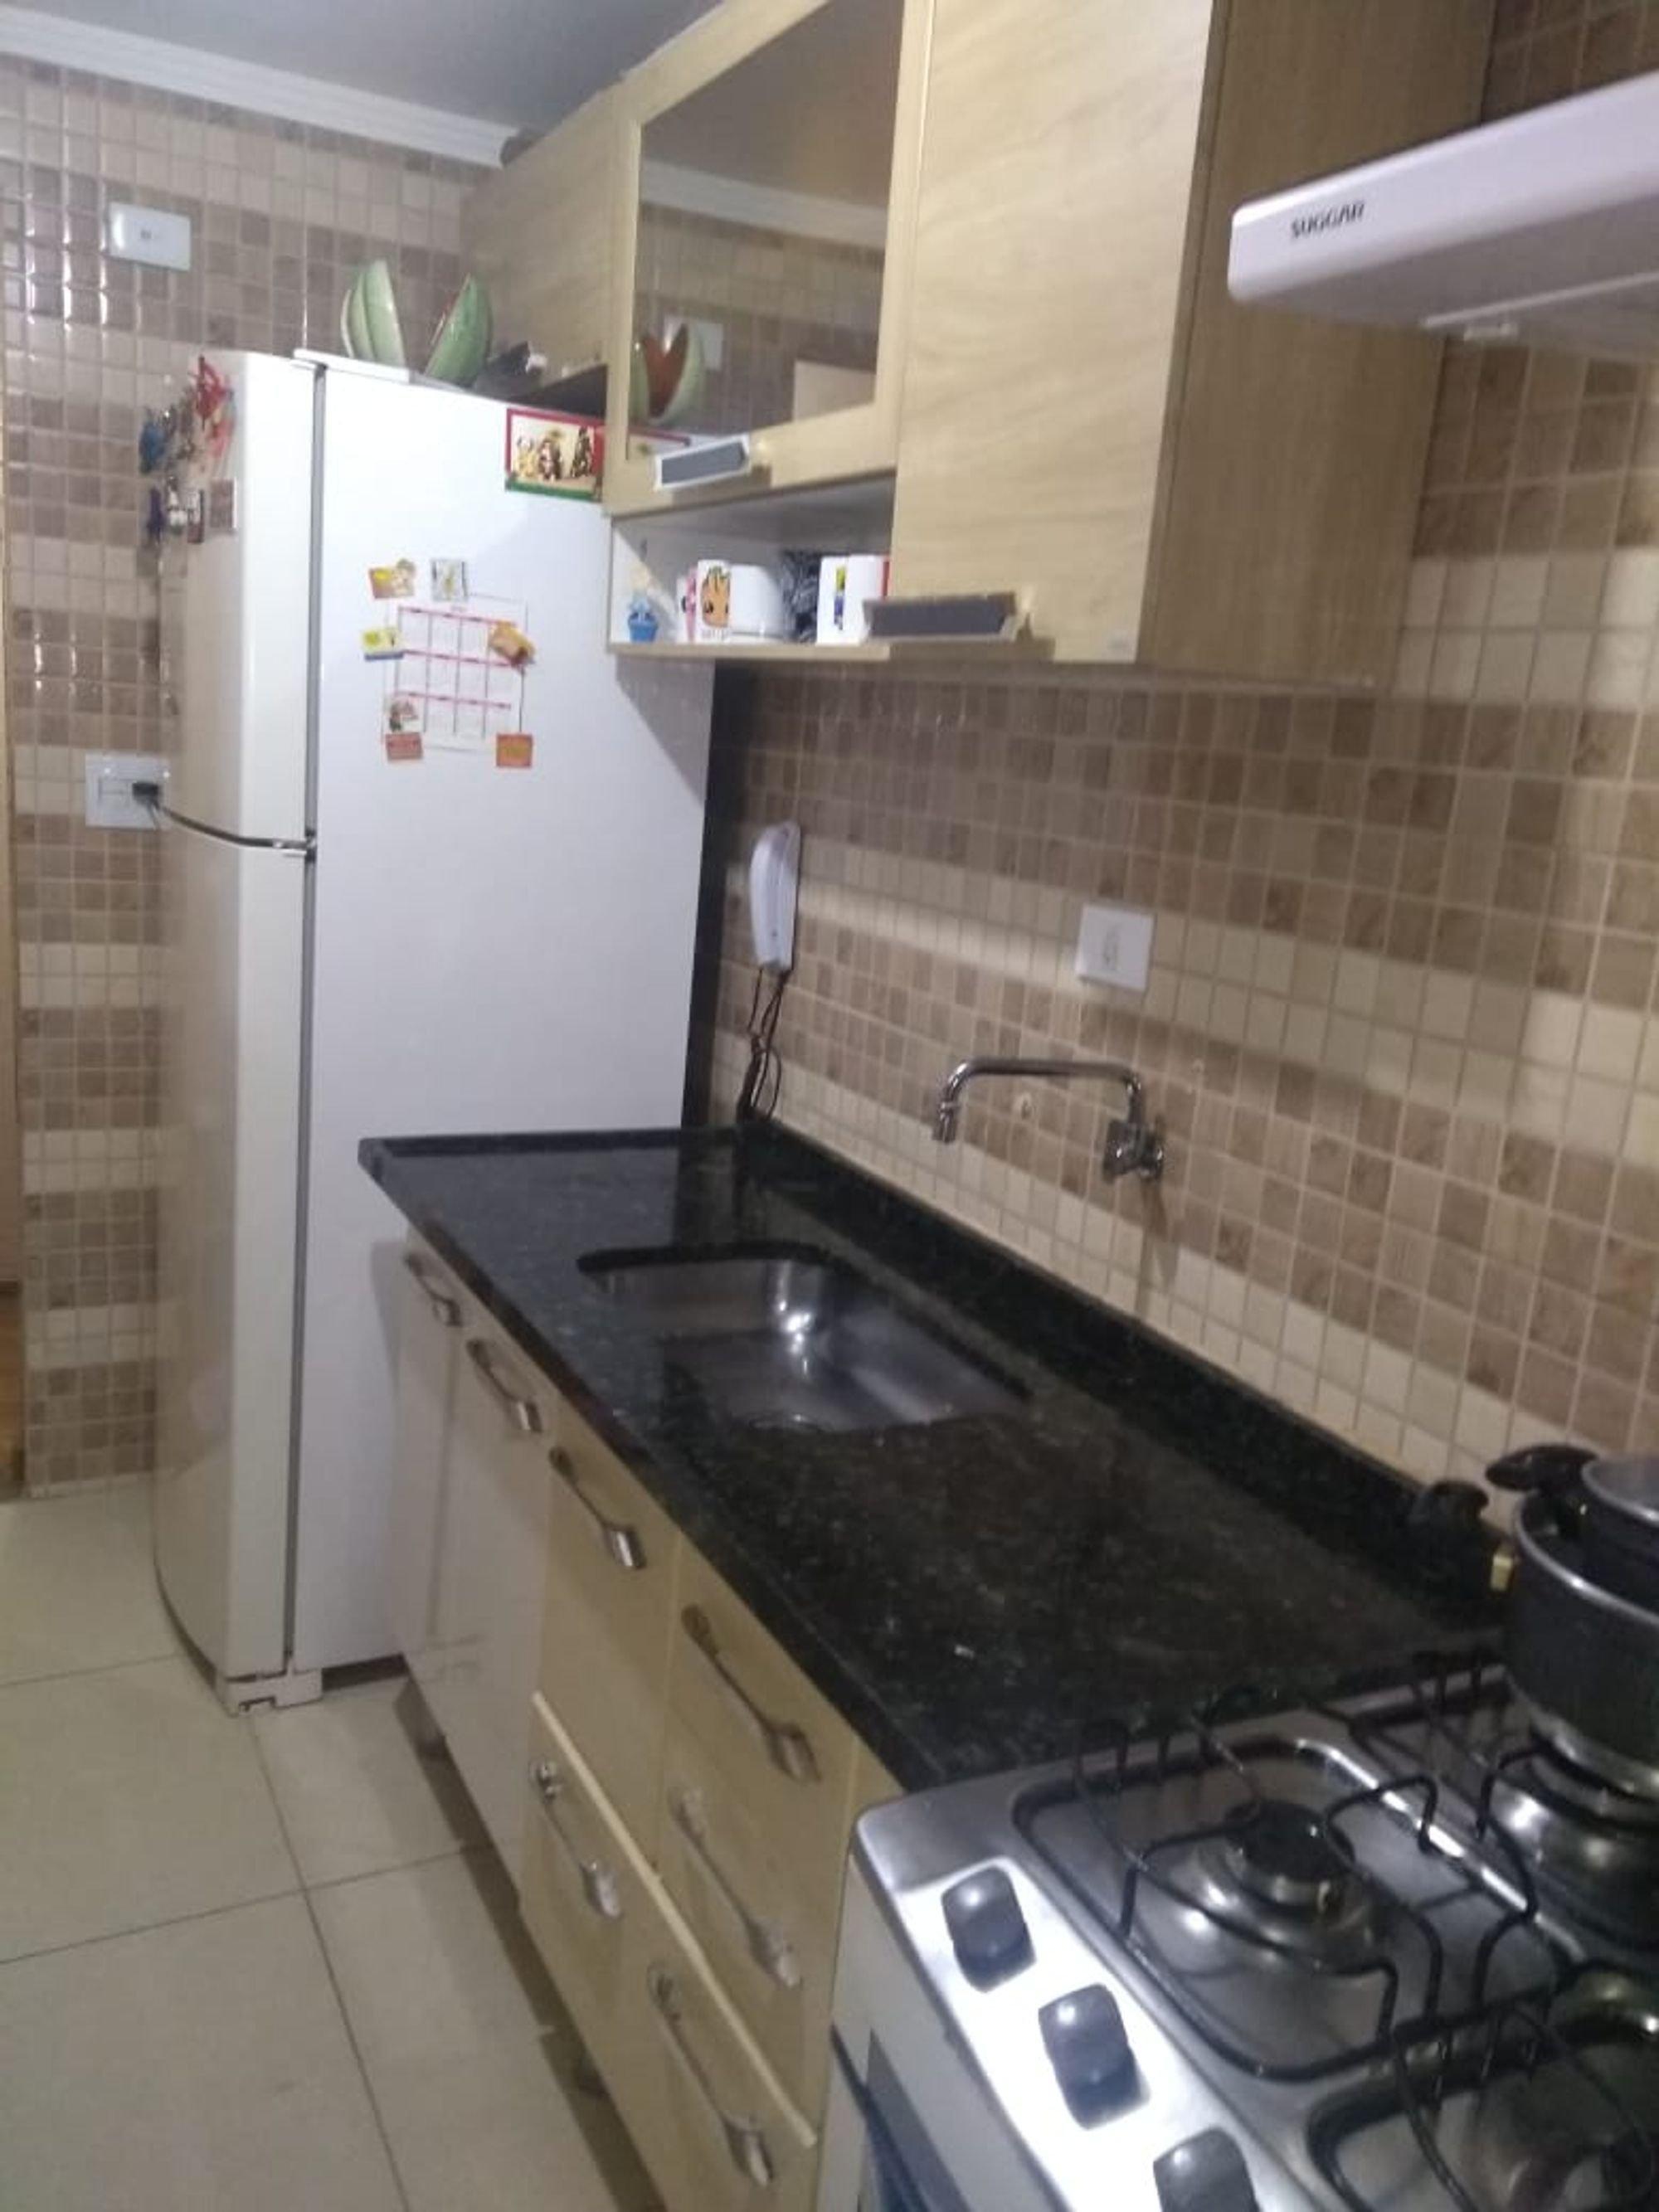 Foto de Cozinha com forno, tigela, geladeira